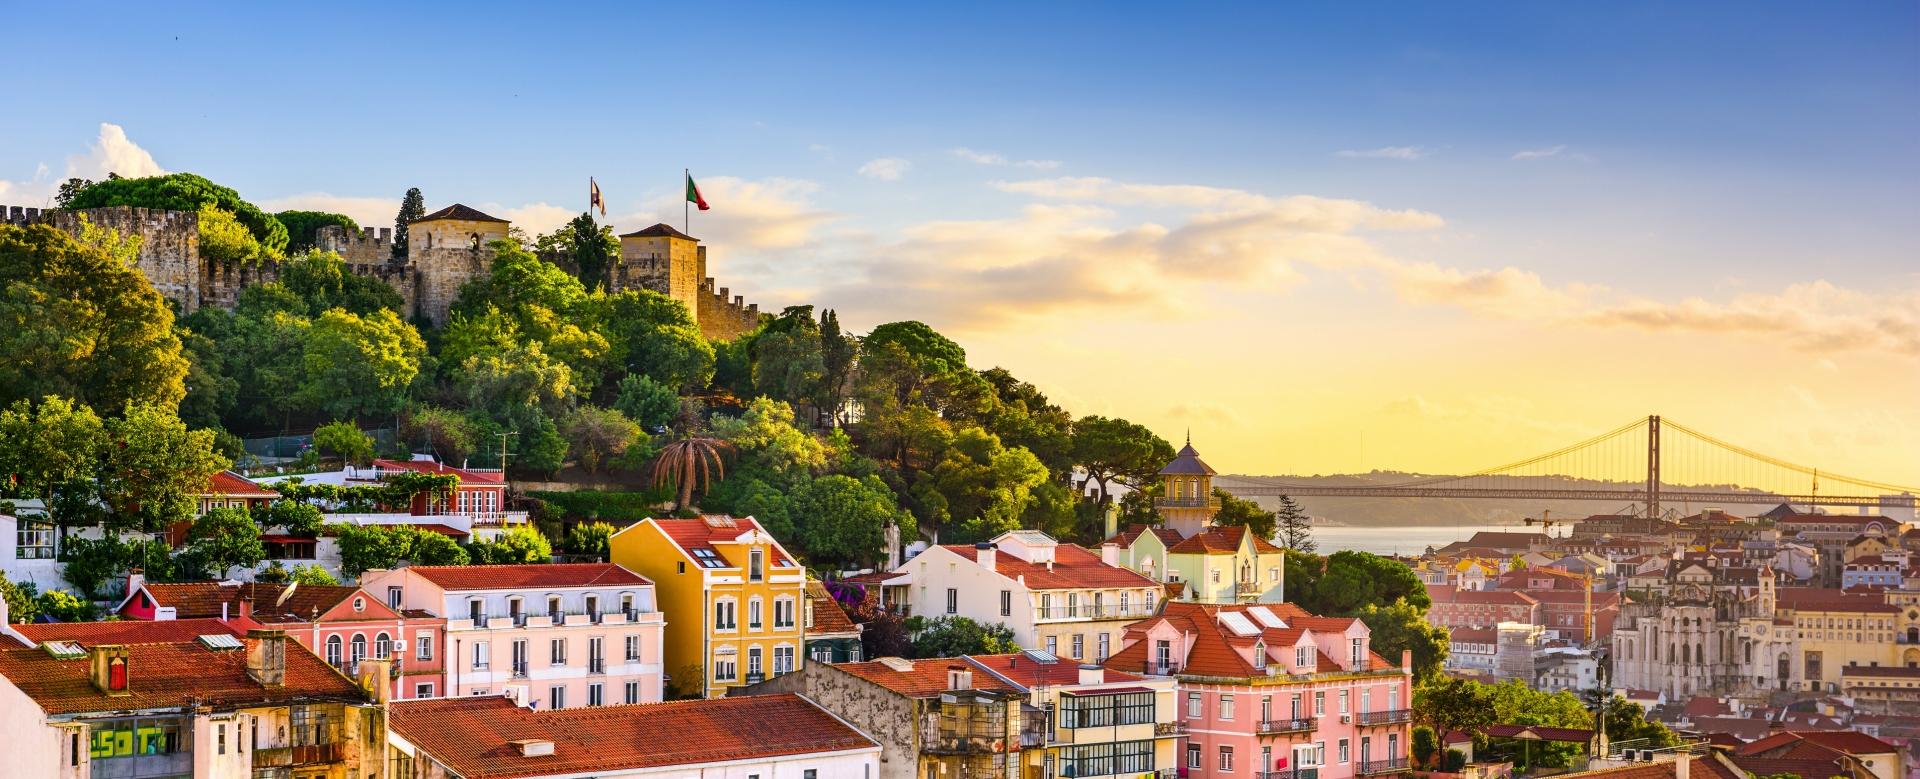 Voyage sur l'eau : Sintra et lisbonne : au coeur des fêtes